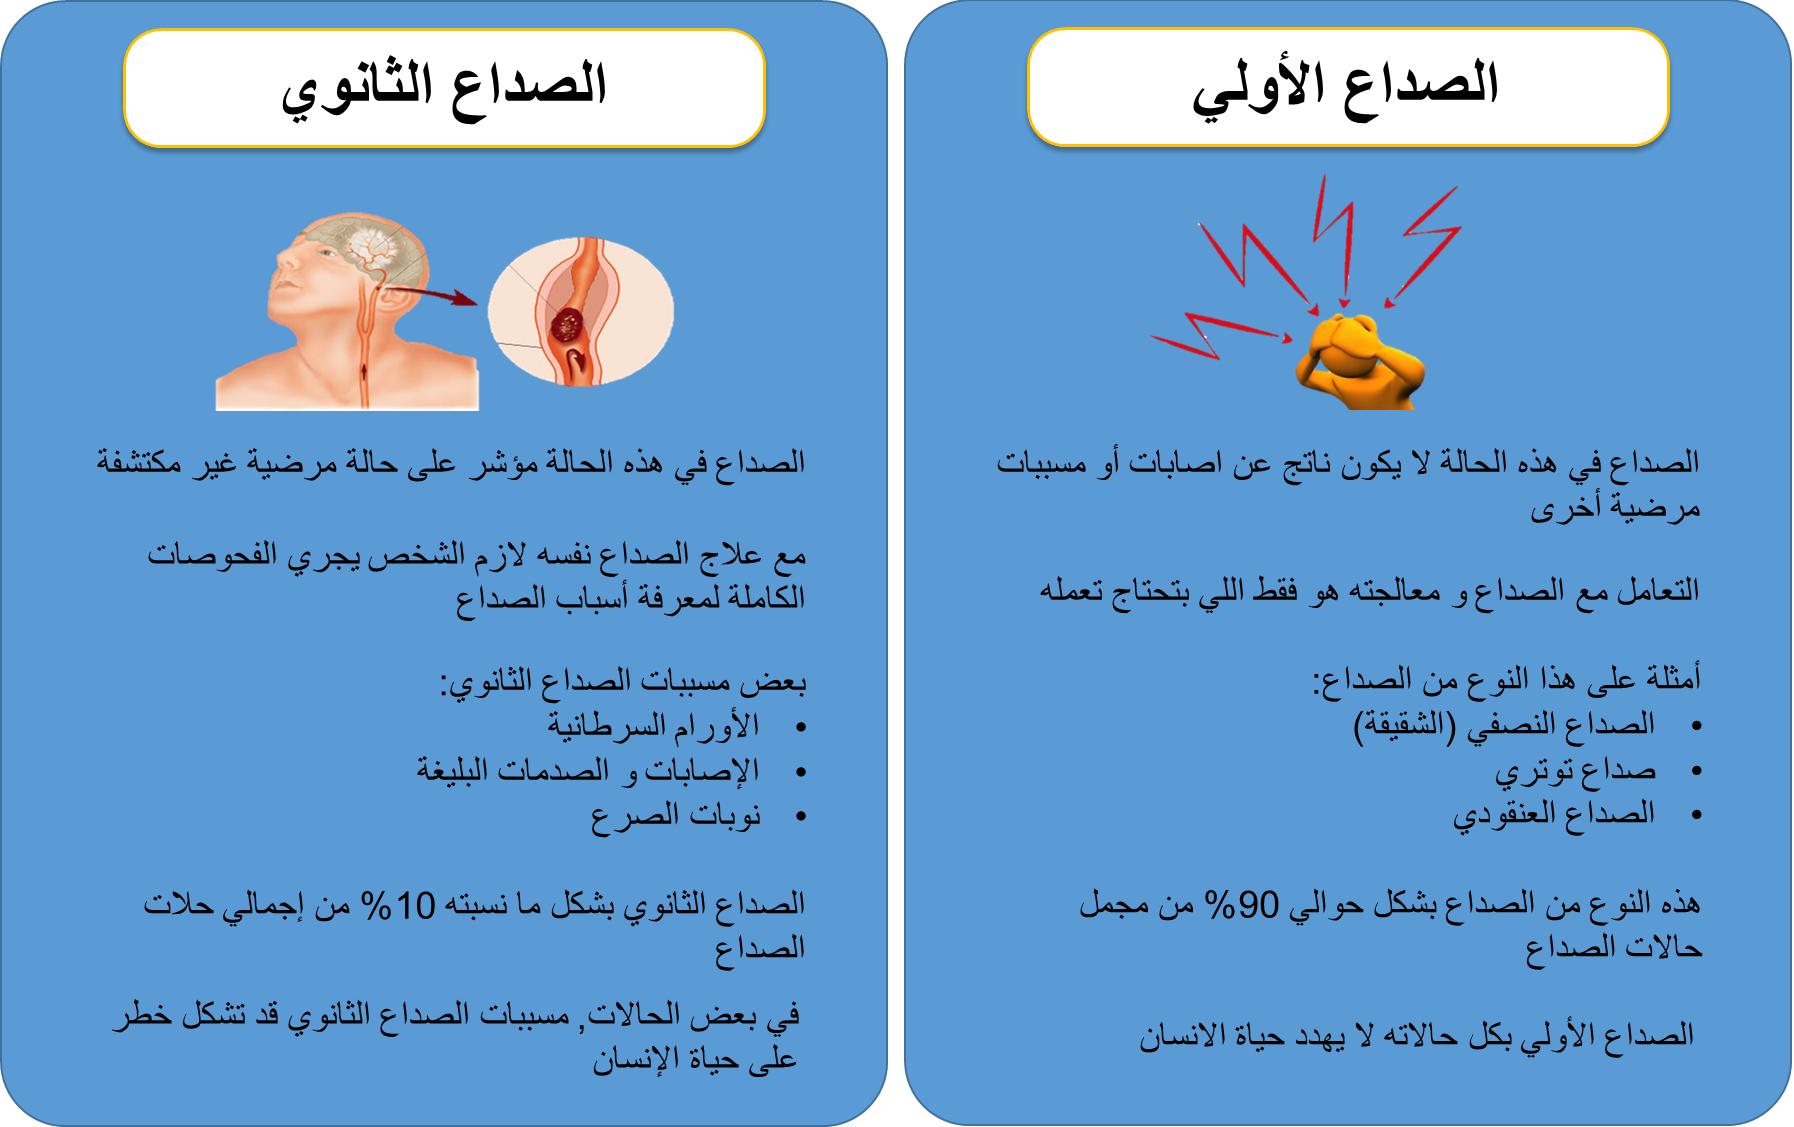 انواع الصداع الأولي و الثانوي